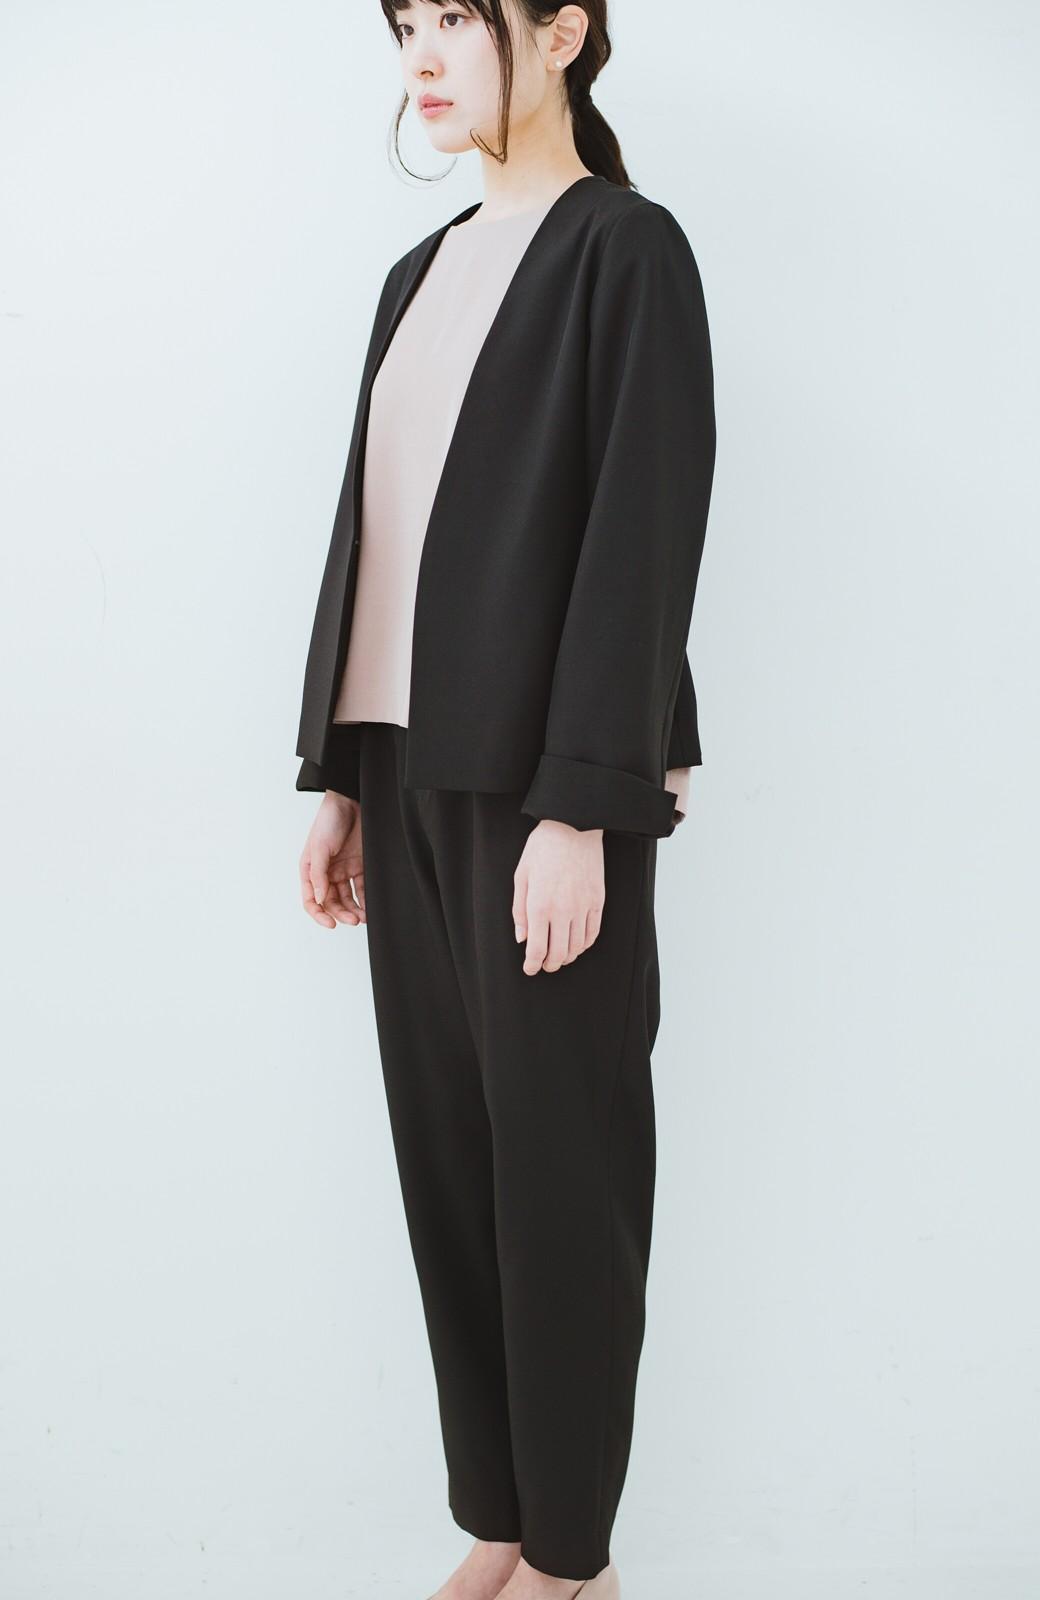 haco! 持っていると便利な野暮ったくならないフォーマルジャケット・パンツ・スカートの3点セット <ブラック>の商品写真15